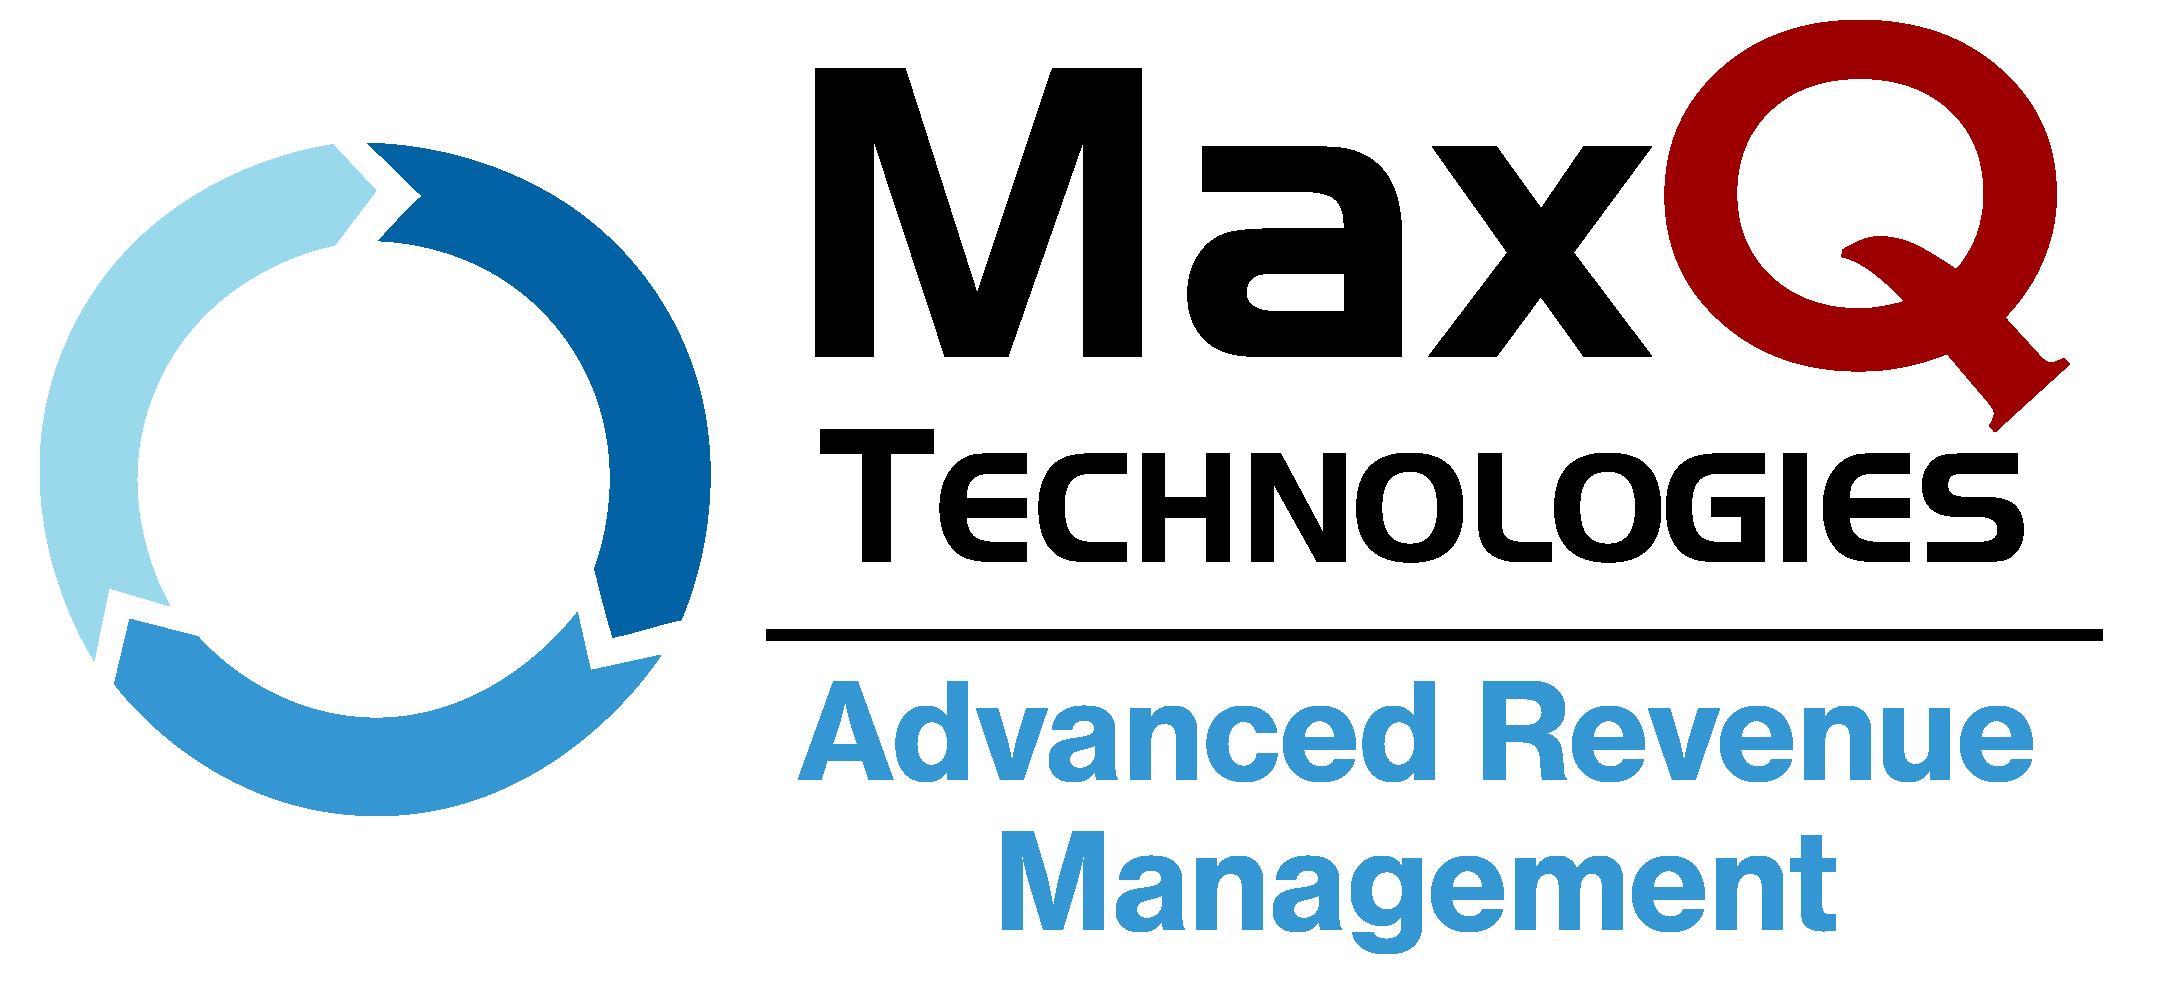 MaxQ Technologies - Advanced Revenue Management (ARM)